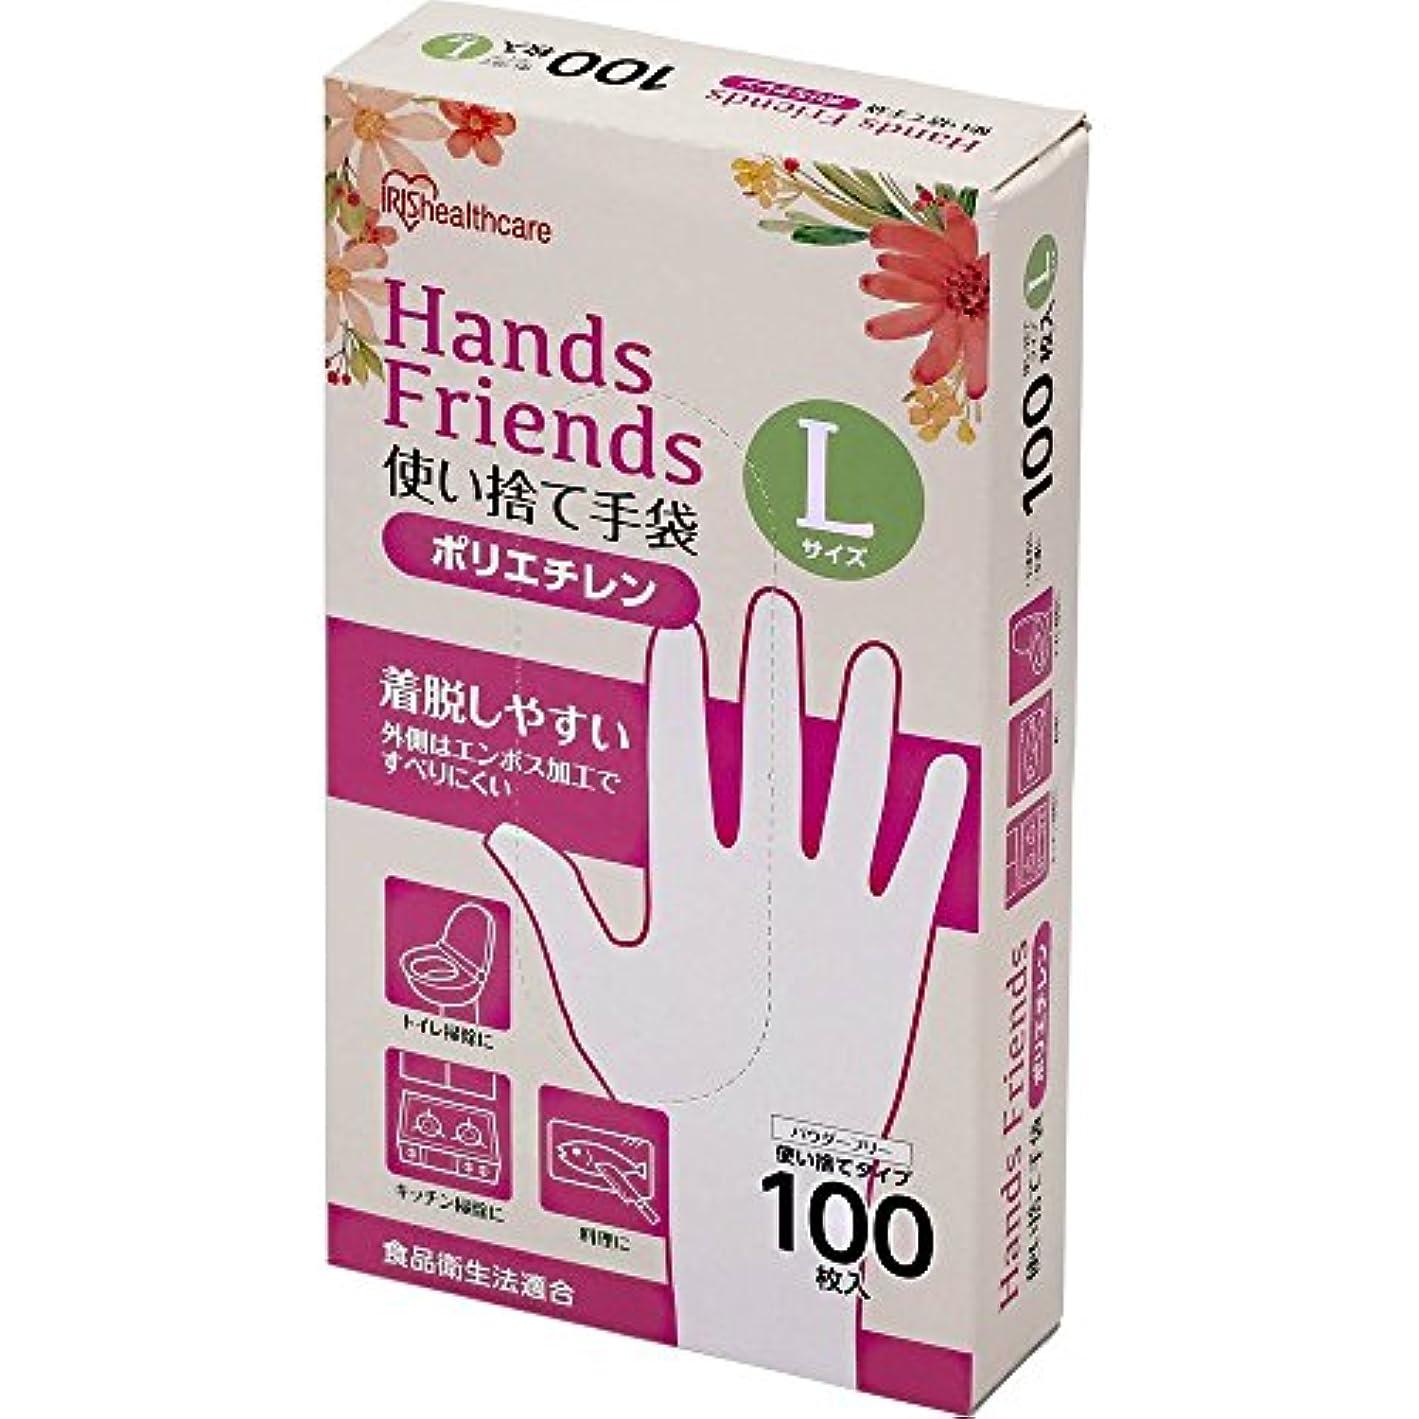 会計士不毛ええ使い捨て手袋 ポリエチレン手袋 Lサイズ 粉なし パウダーフリー クリア 100枚入